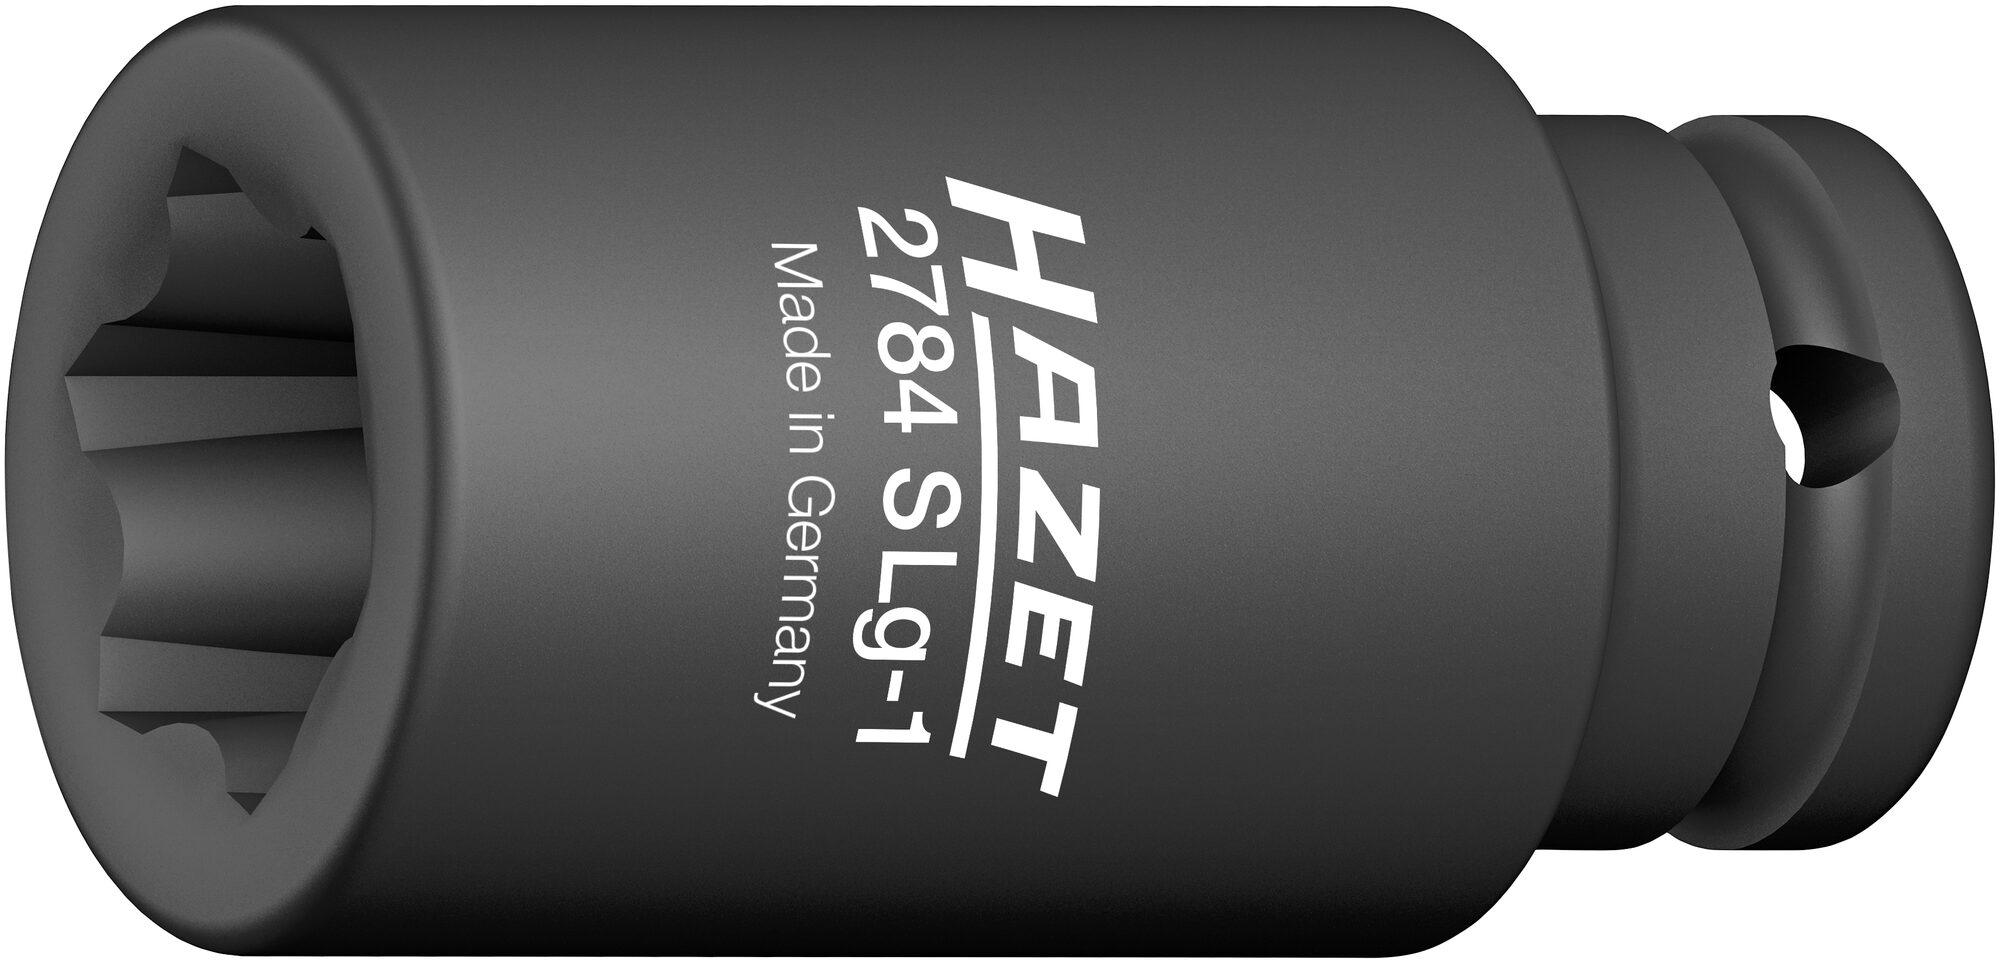 HAZET Schlag- ∙ Maschinenschrauber Steckschlüssel-Einsatz ∙ mit Sonderprofil 2784SLG-1 ∙ Rillenprofil ∙ 39 mm